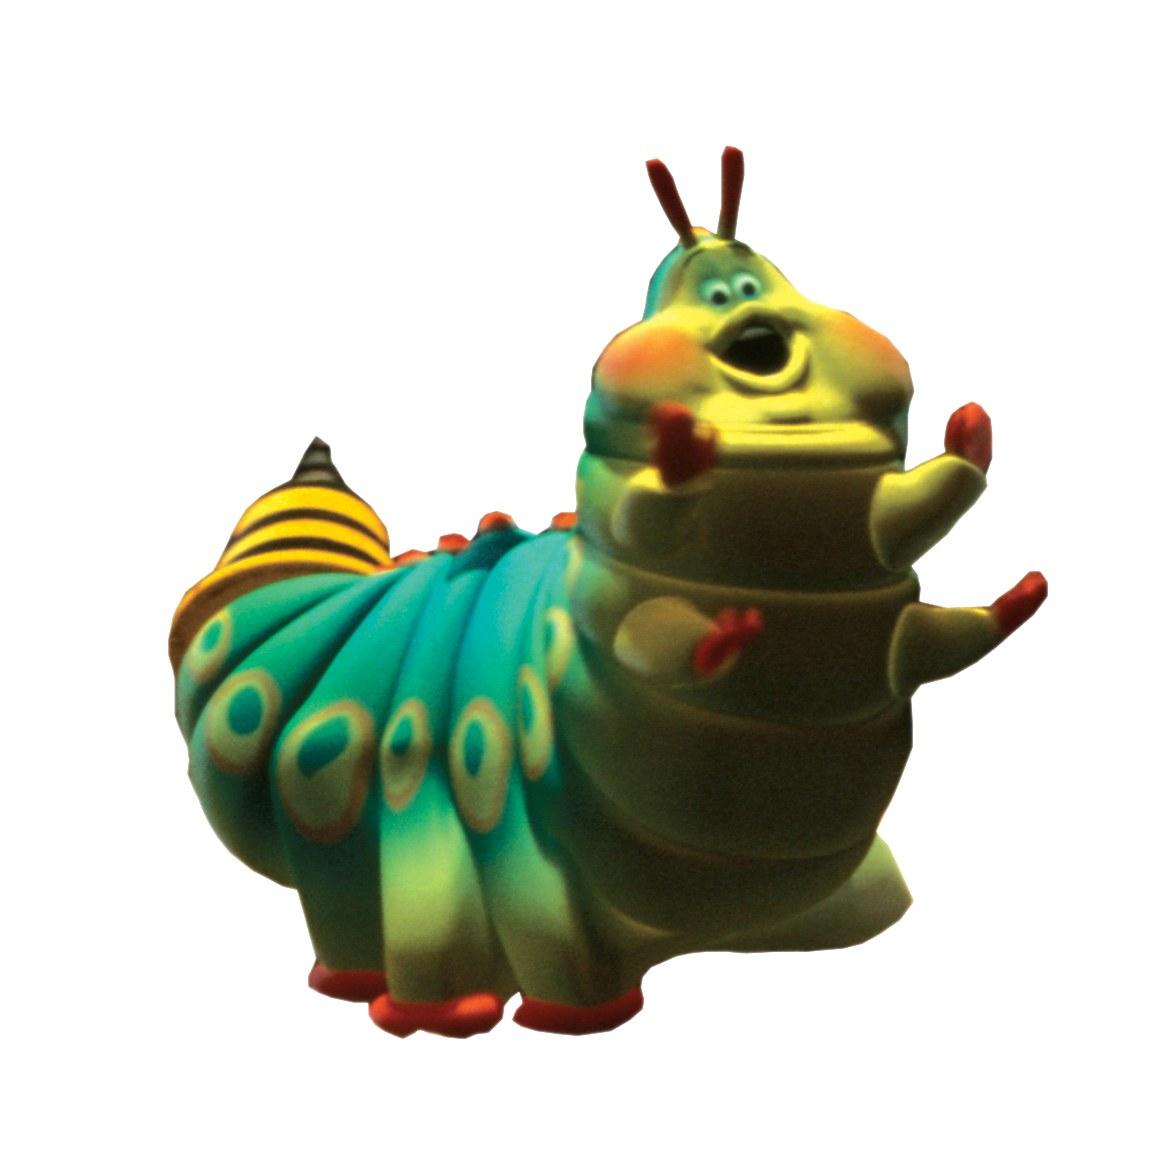 Das große Krabbeln - Bild 13